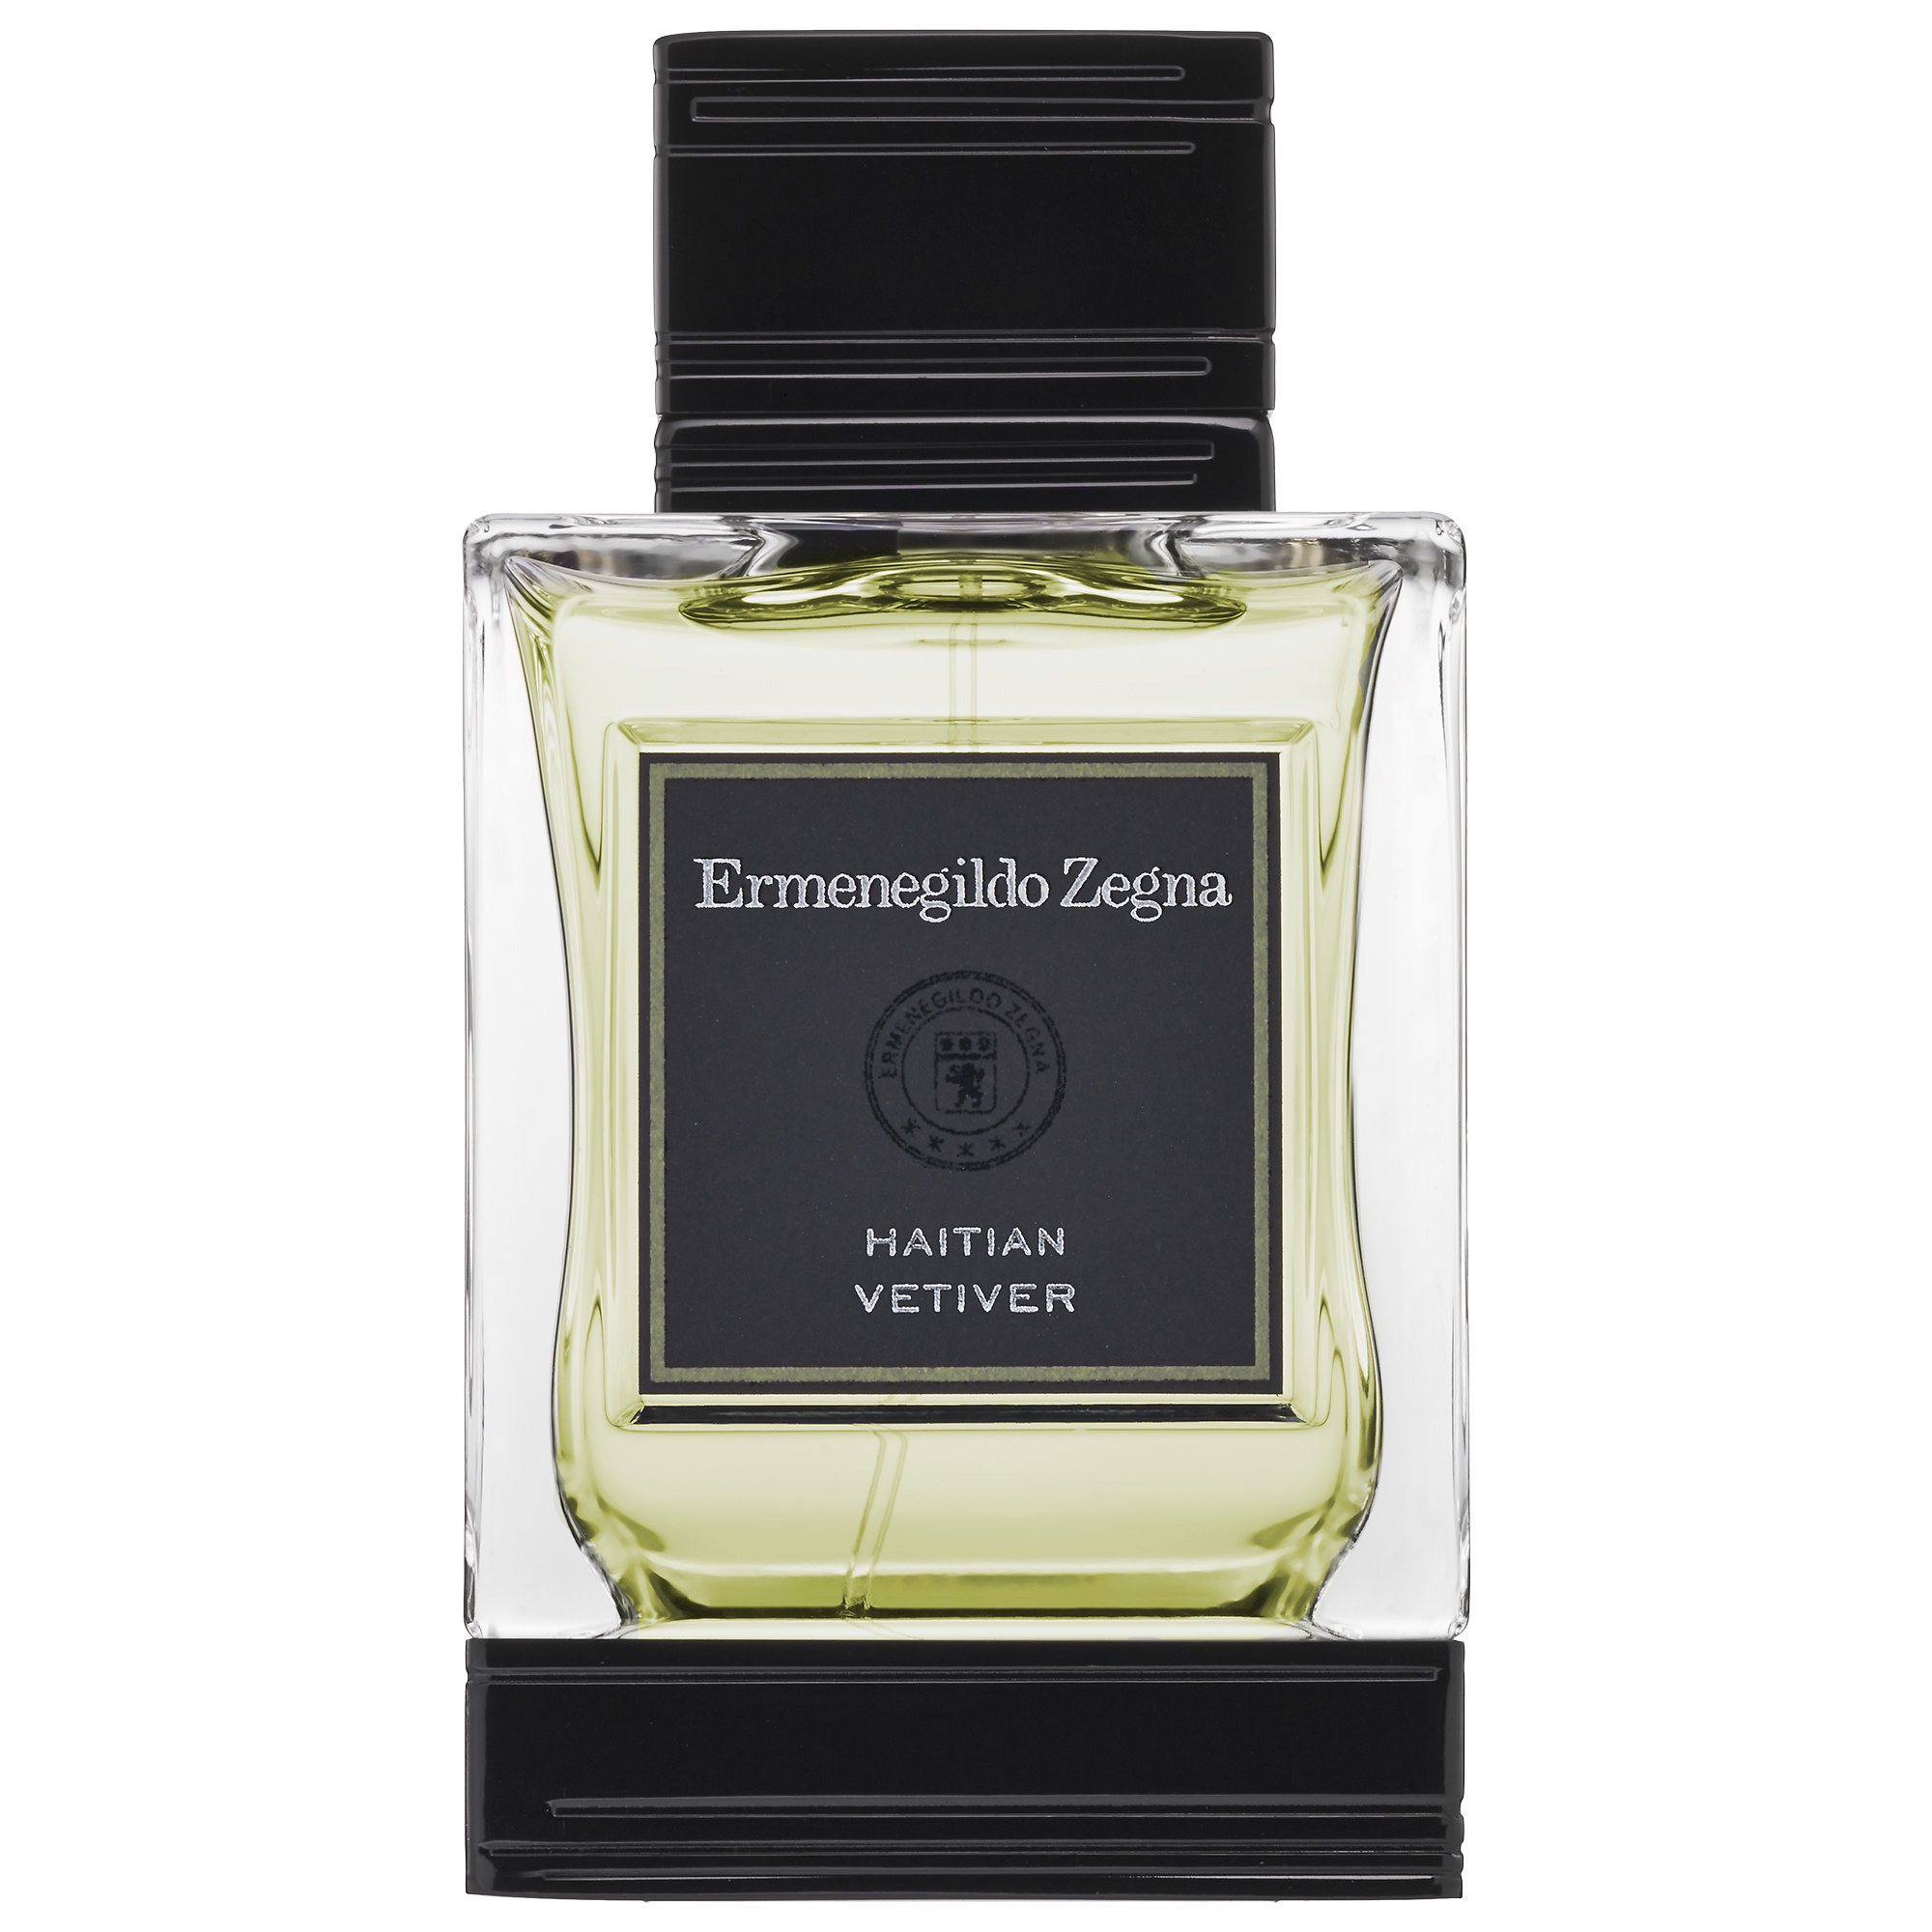 Best Ermenegildo Zegna Haitian Vetiver 75ml EDT Men s Cologne Prices ... e84e5342076